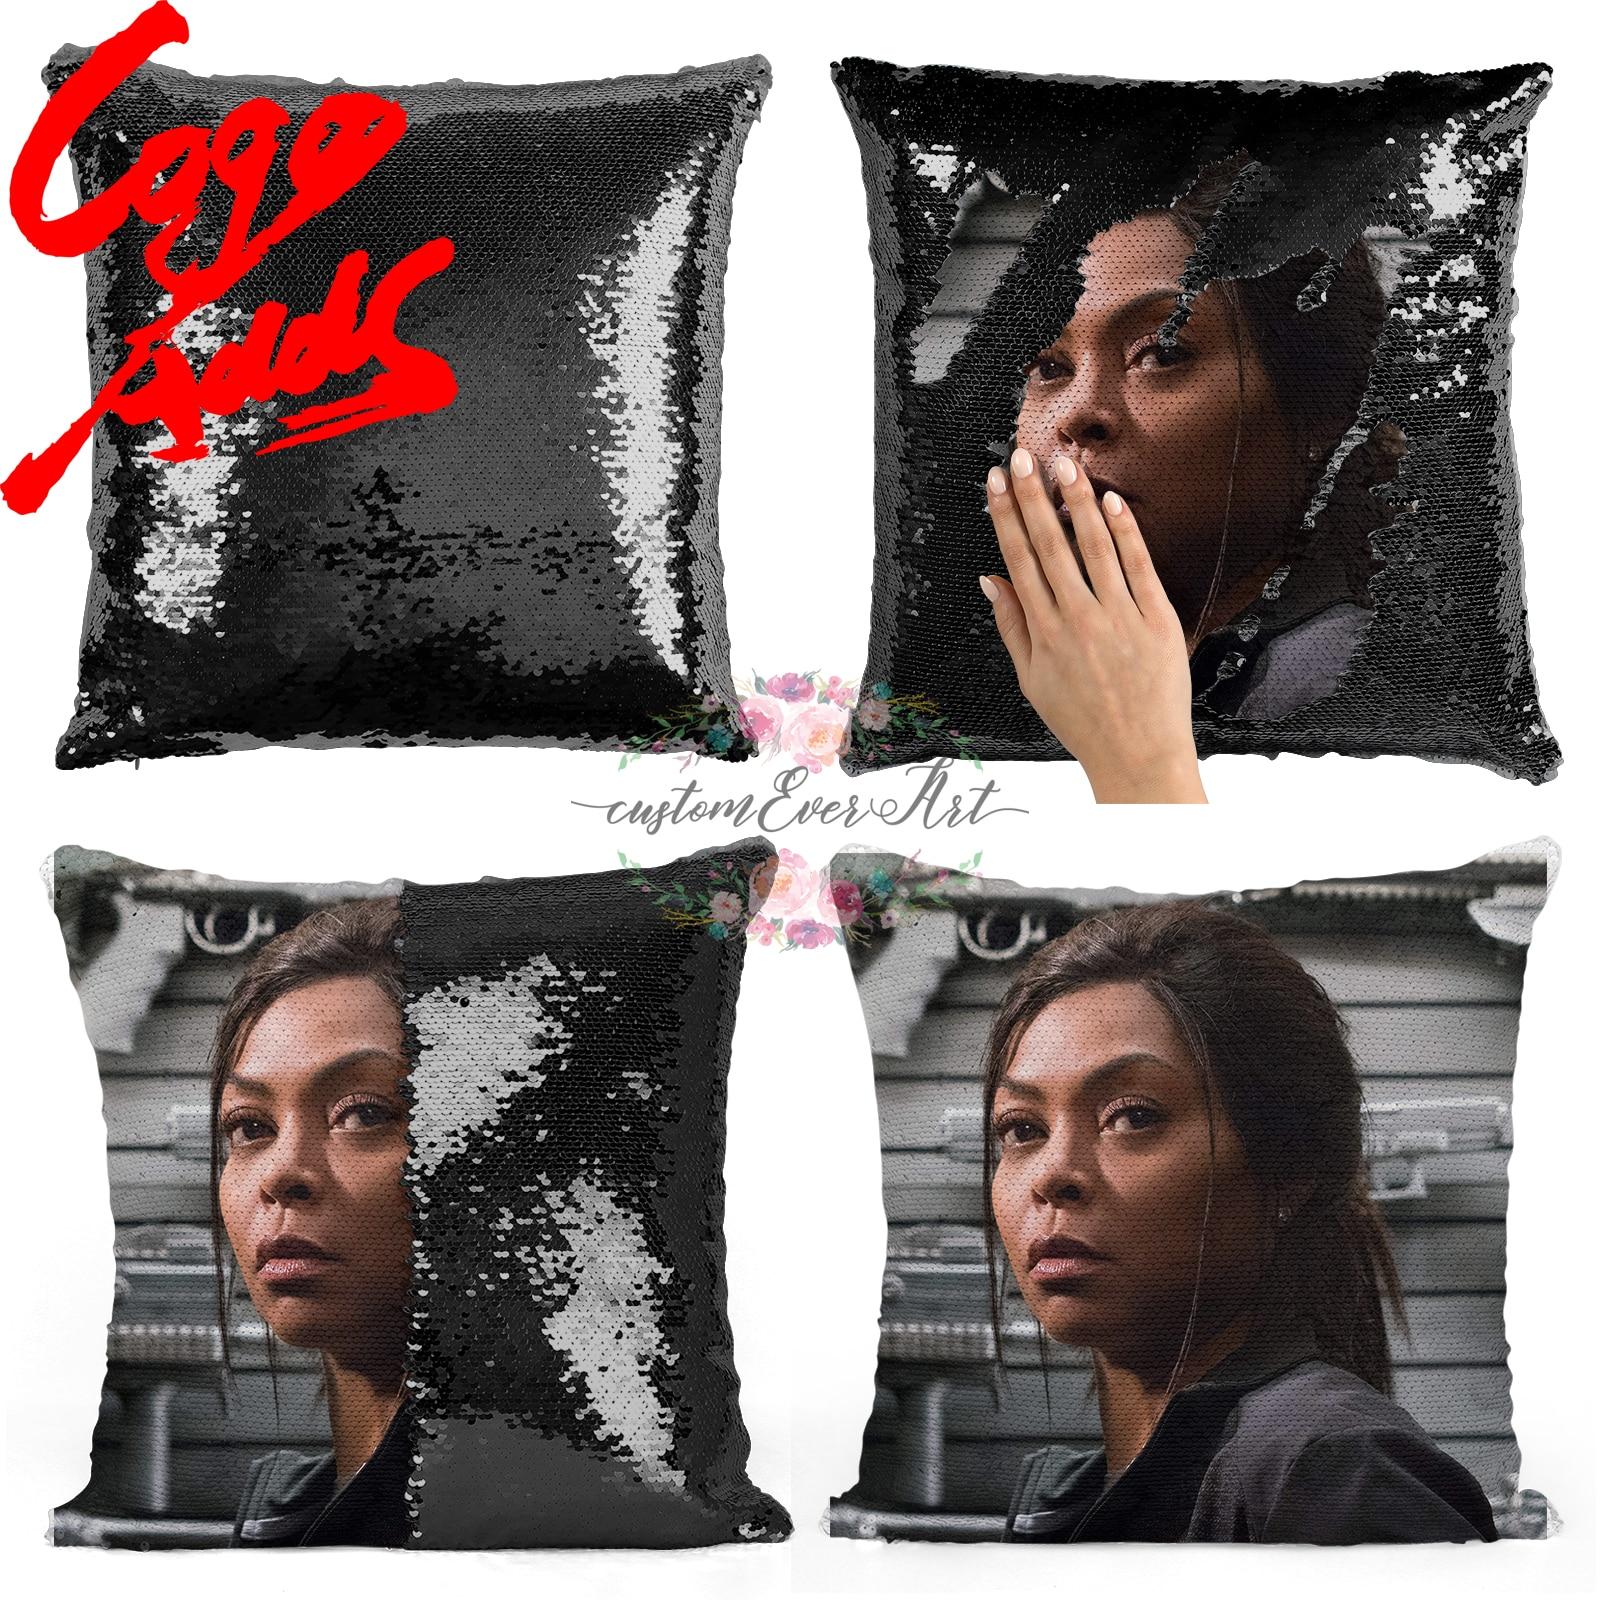 Taraji P. henson sequin travesseiro   sequin Fronha   Duas cores travesseiro   presente para ela   presente para ele   travesseiro   travesseiro magia